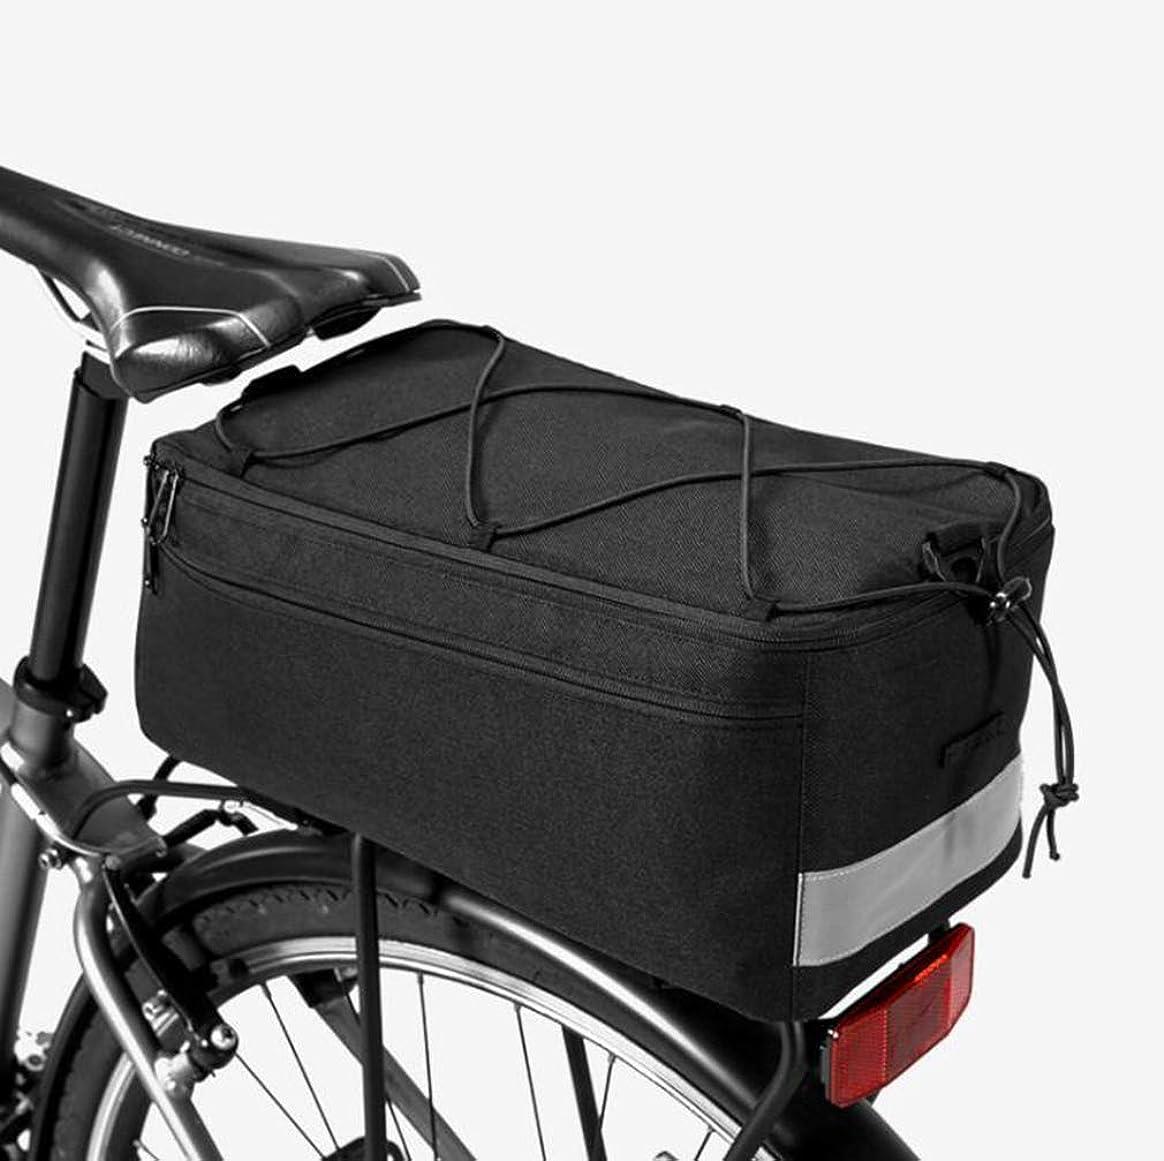 部余計な過度の保温棚バッグ - サイクリングテールバッグ、サイクリングスポーツ防水リアシートバッグパニエトランクバッグ自転車アクセサリーショルダーバッグカバン - ブラック